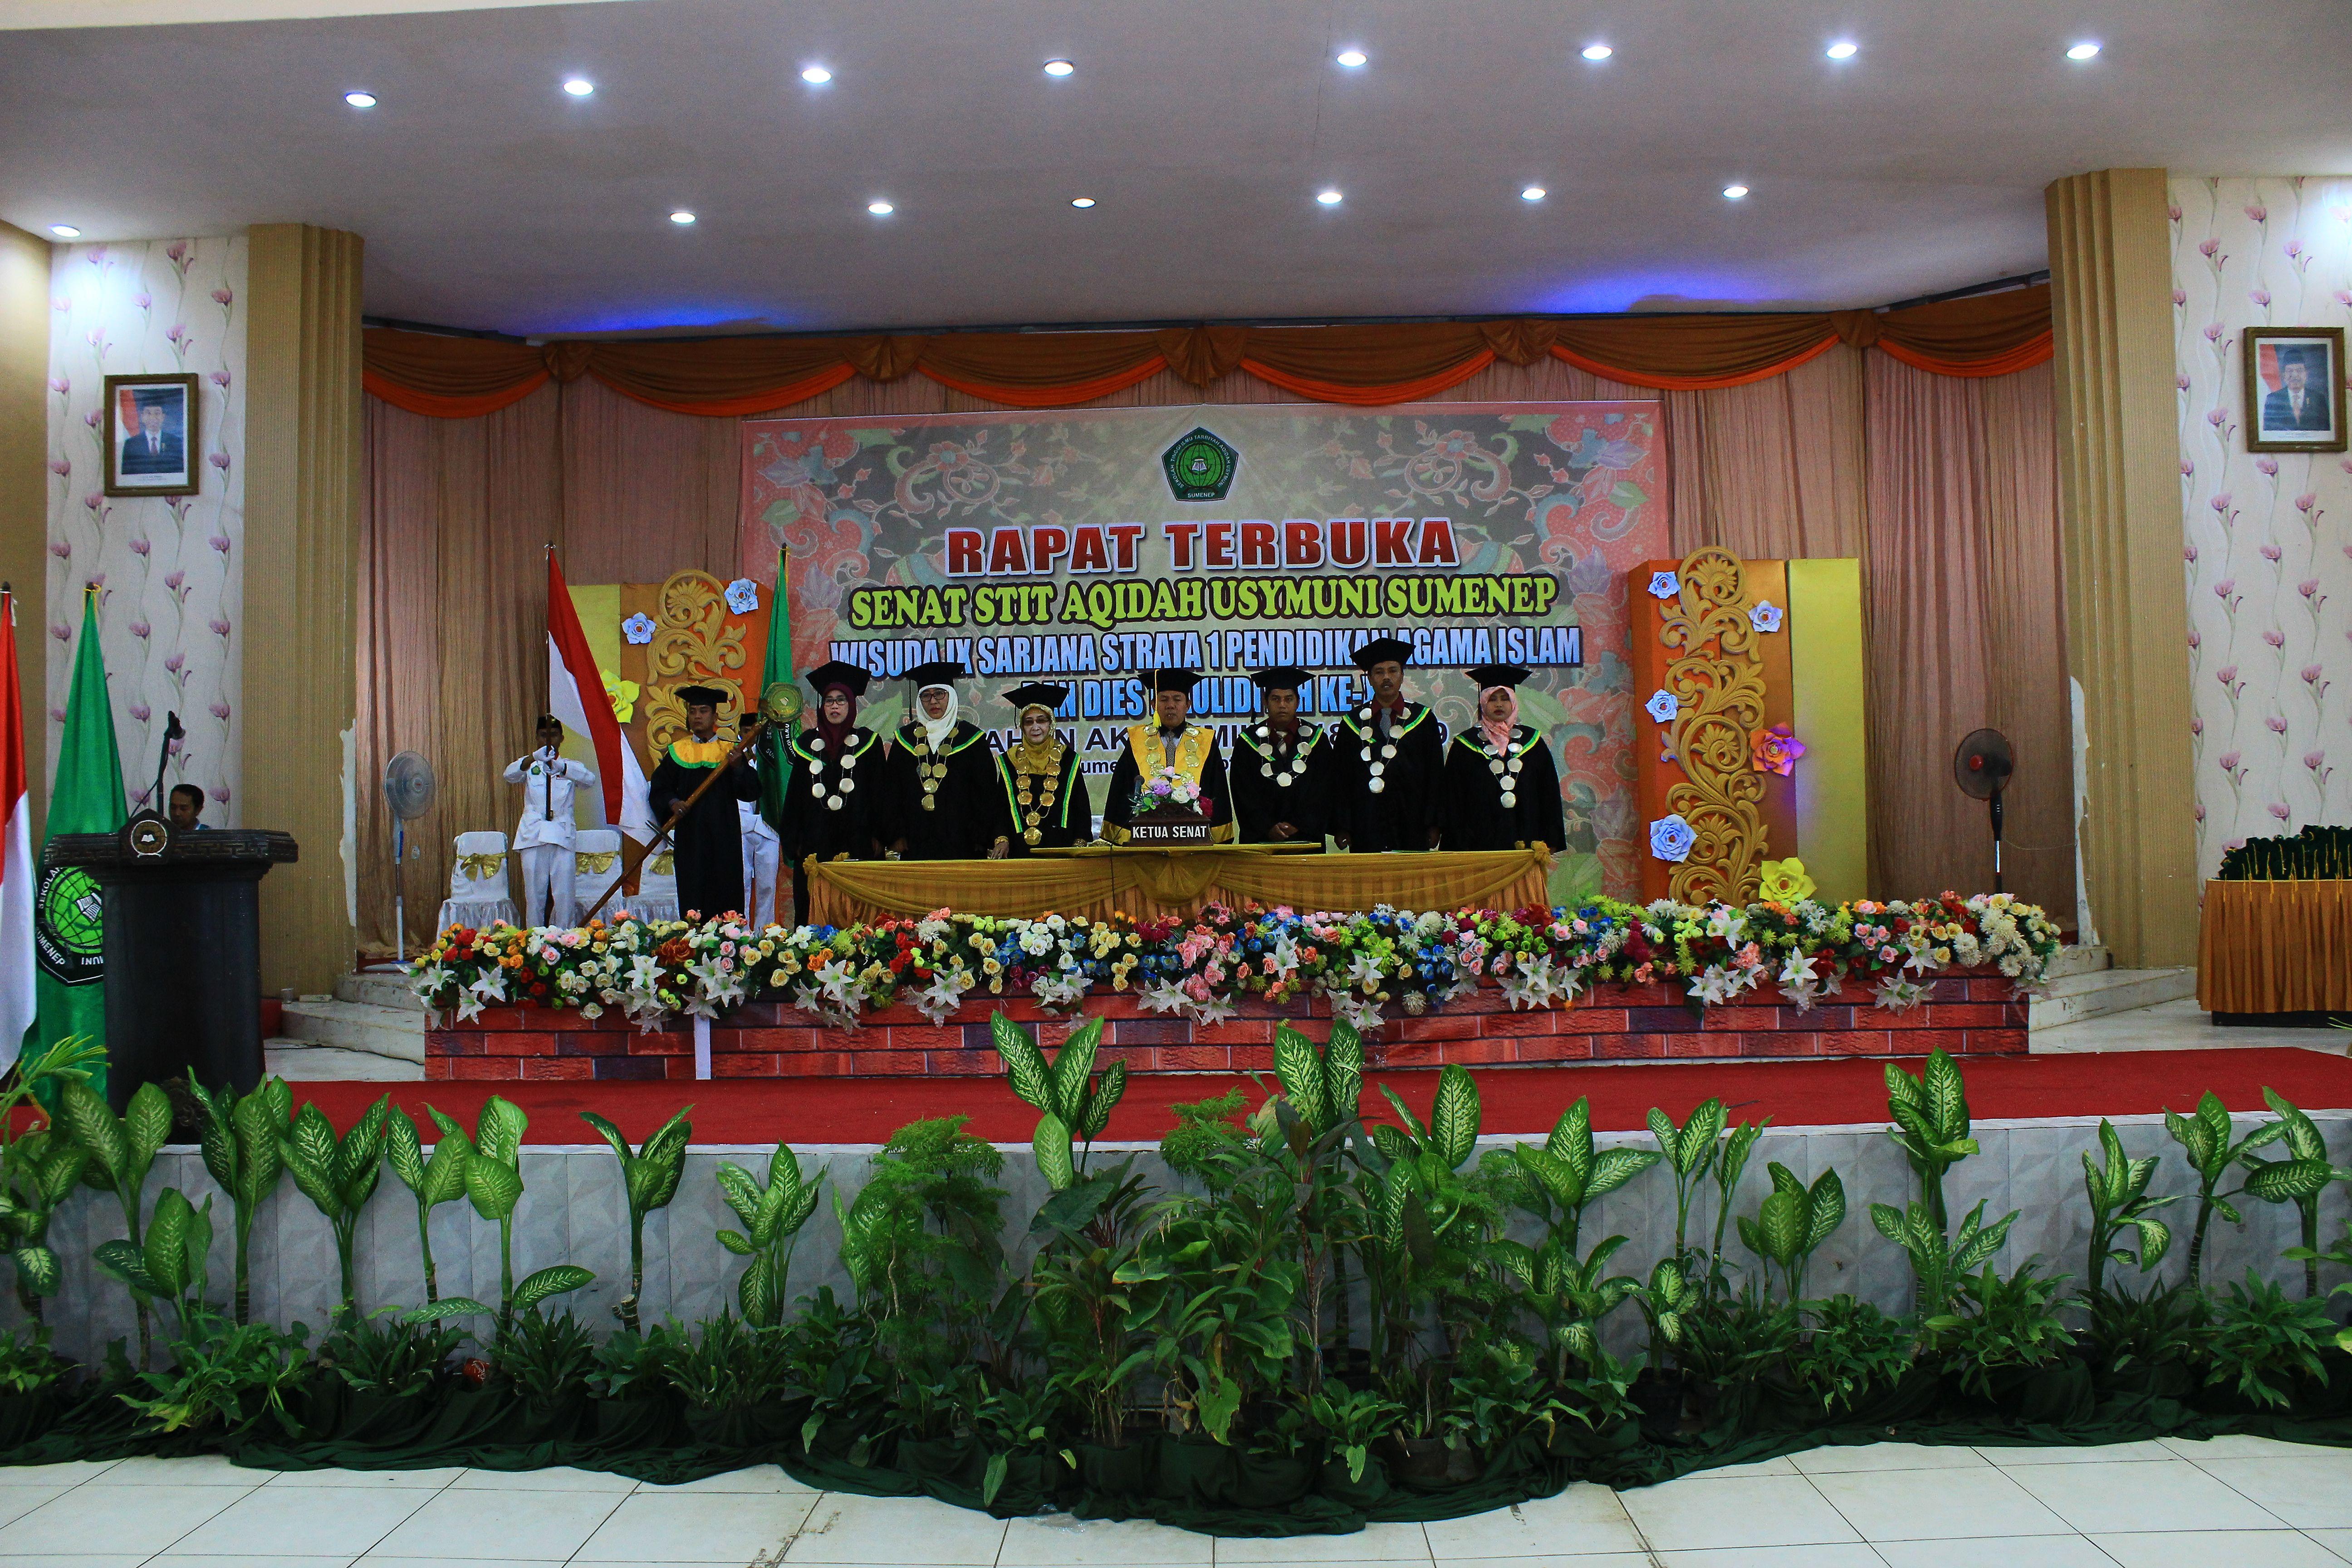 Rapat Senat